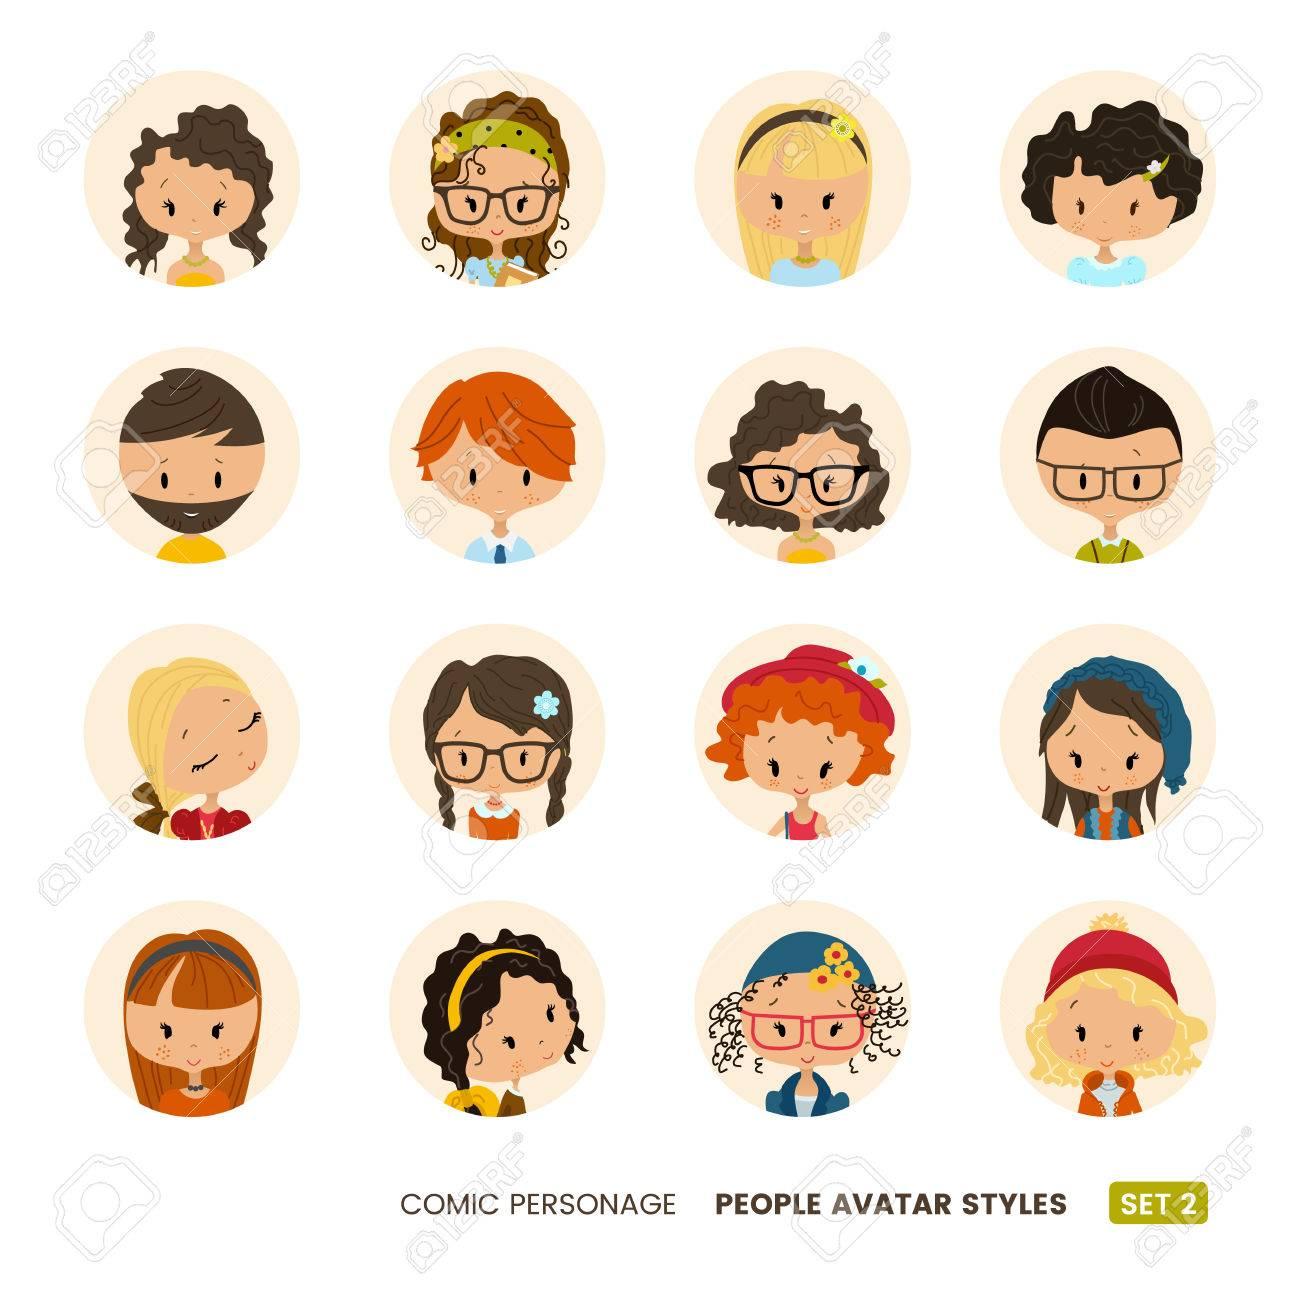 Menschen Avatare Sammlung Comic Personlichkeit Madchen Und Jungen